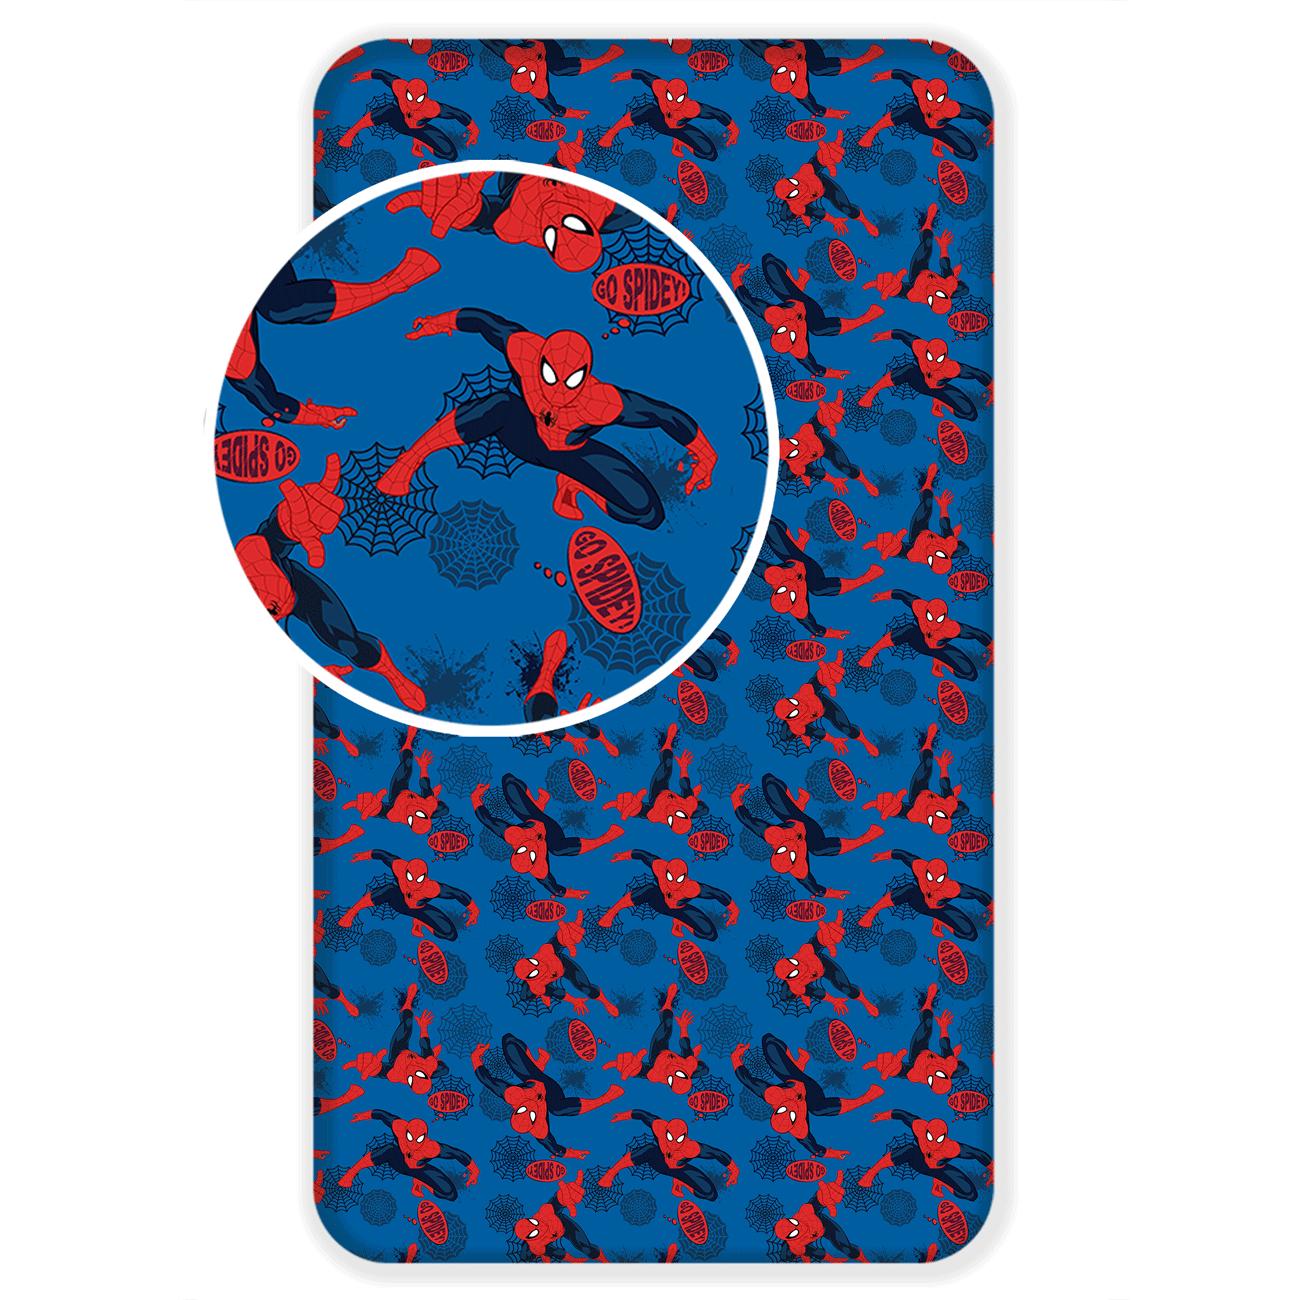 Spiderman kummiga voodilina